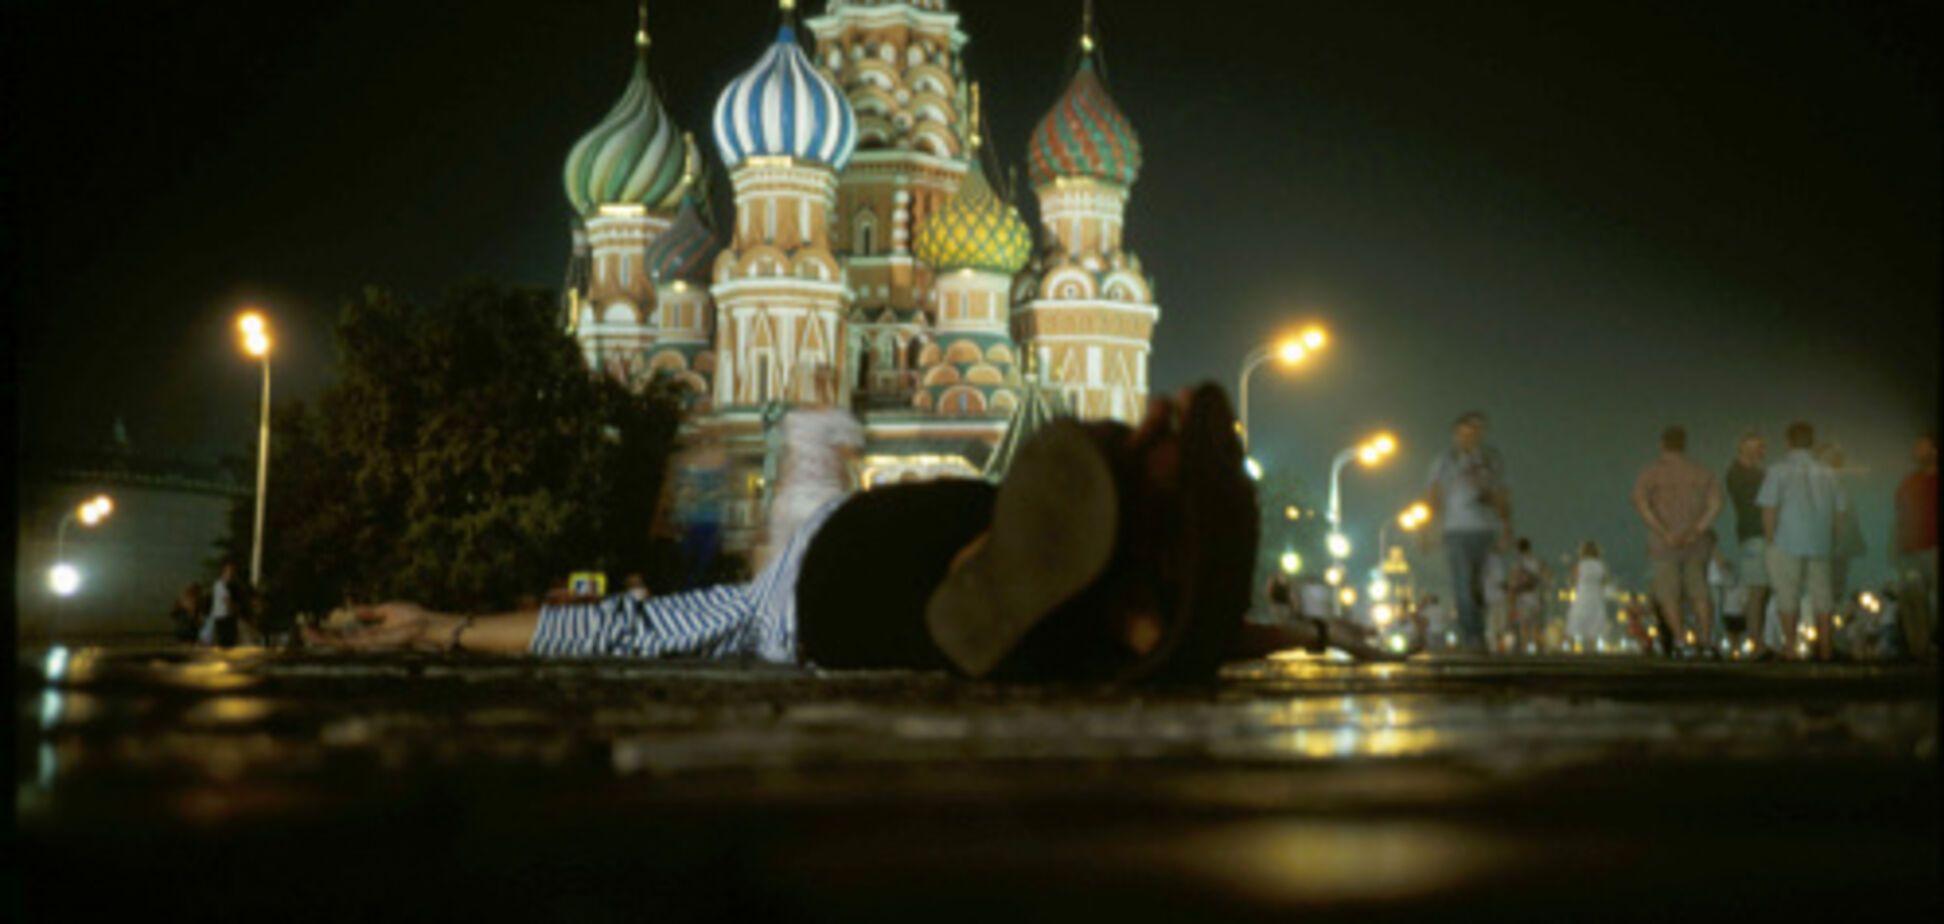 'Дураков стало меньше': журналист рассказал о диалоге с пособником 'Л/ДНР' в Москве